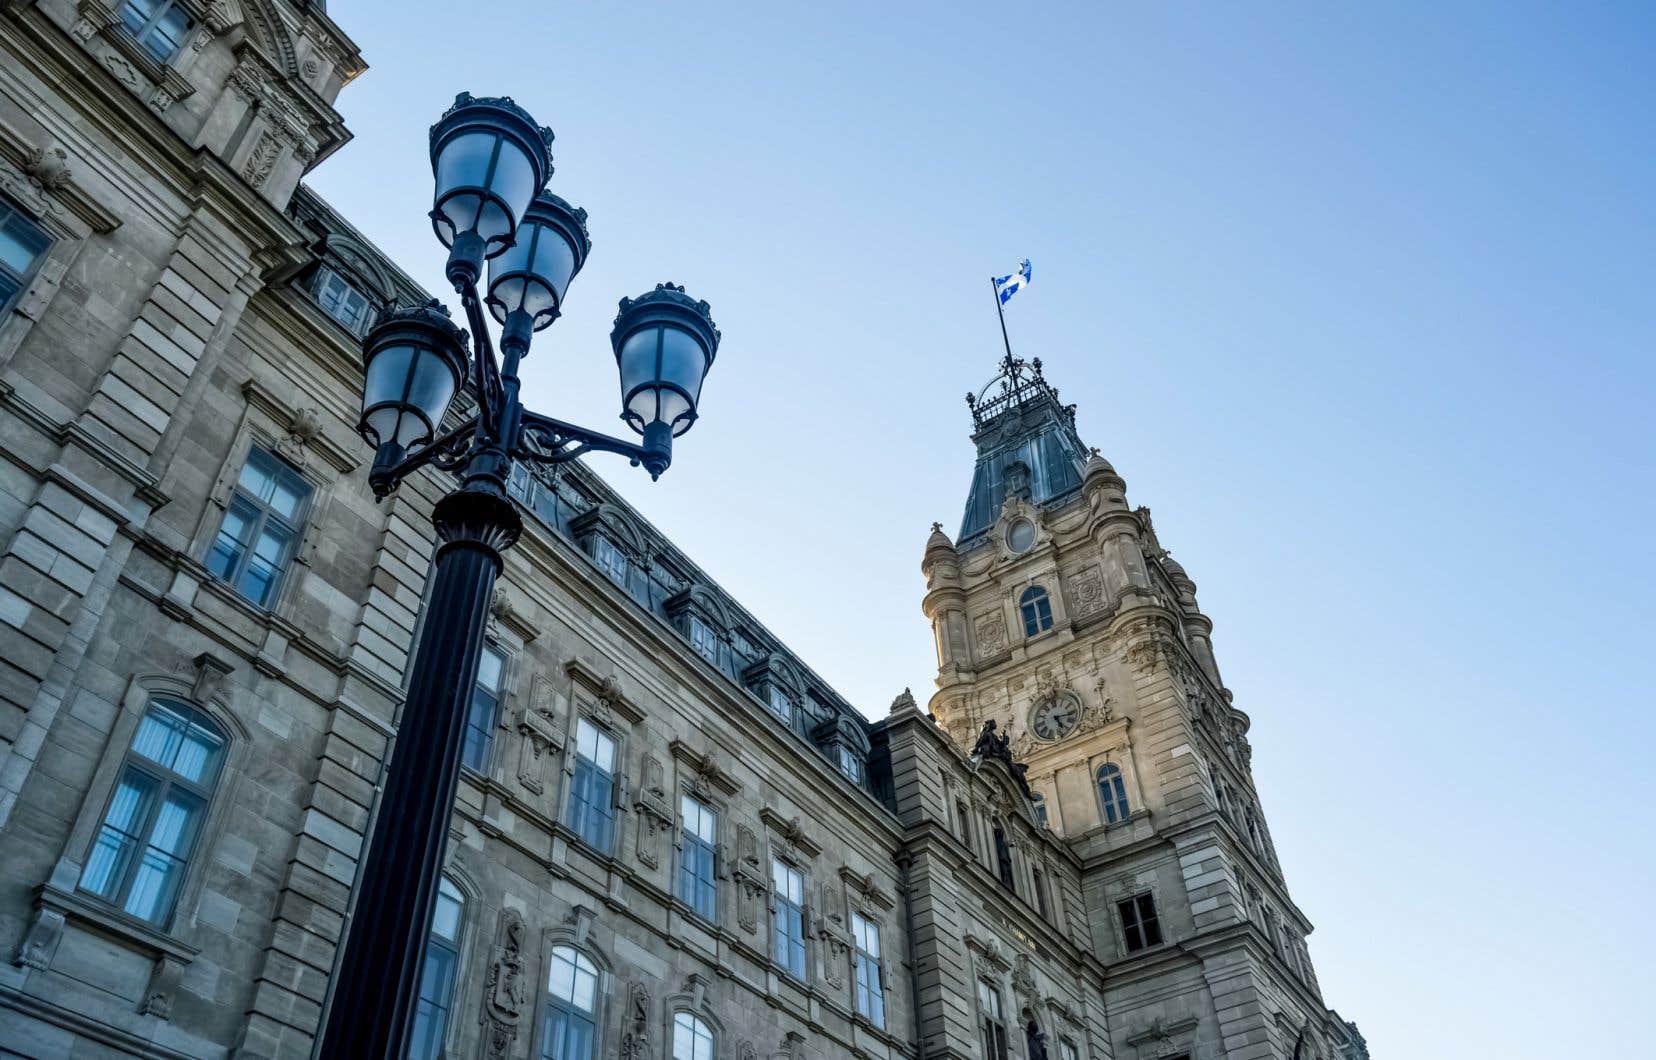 L'affaire Fitzgibbon plane sur les discussions qui pourraient mener à une réforme du code d'éthique de l'Assemblée nationale.